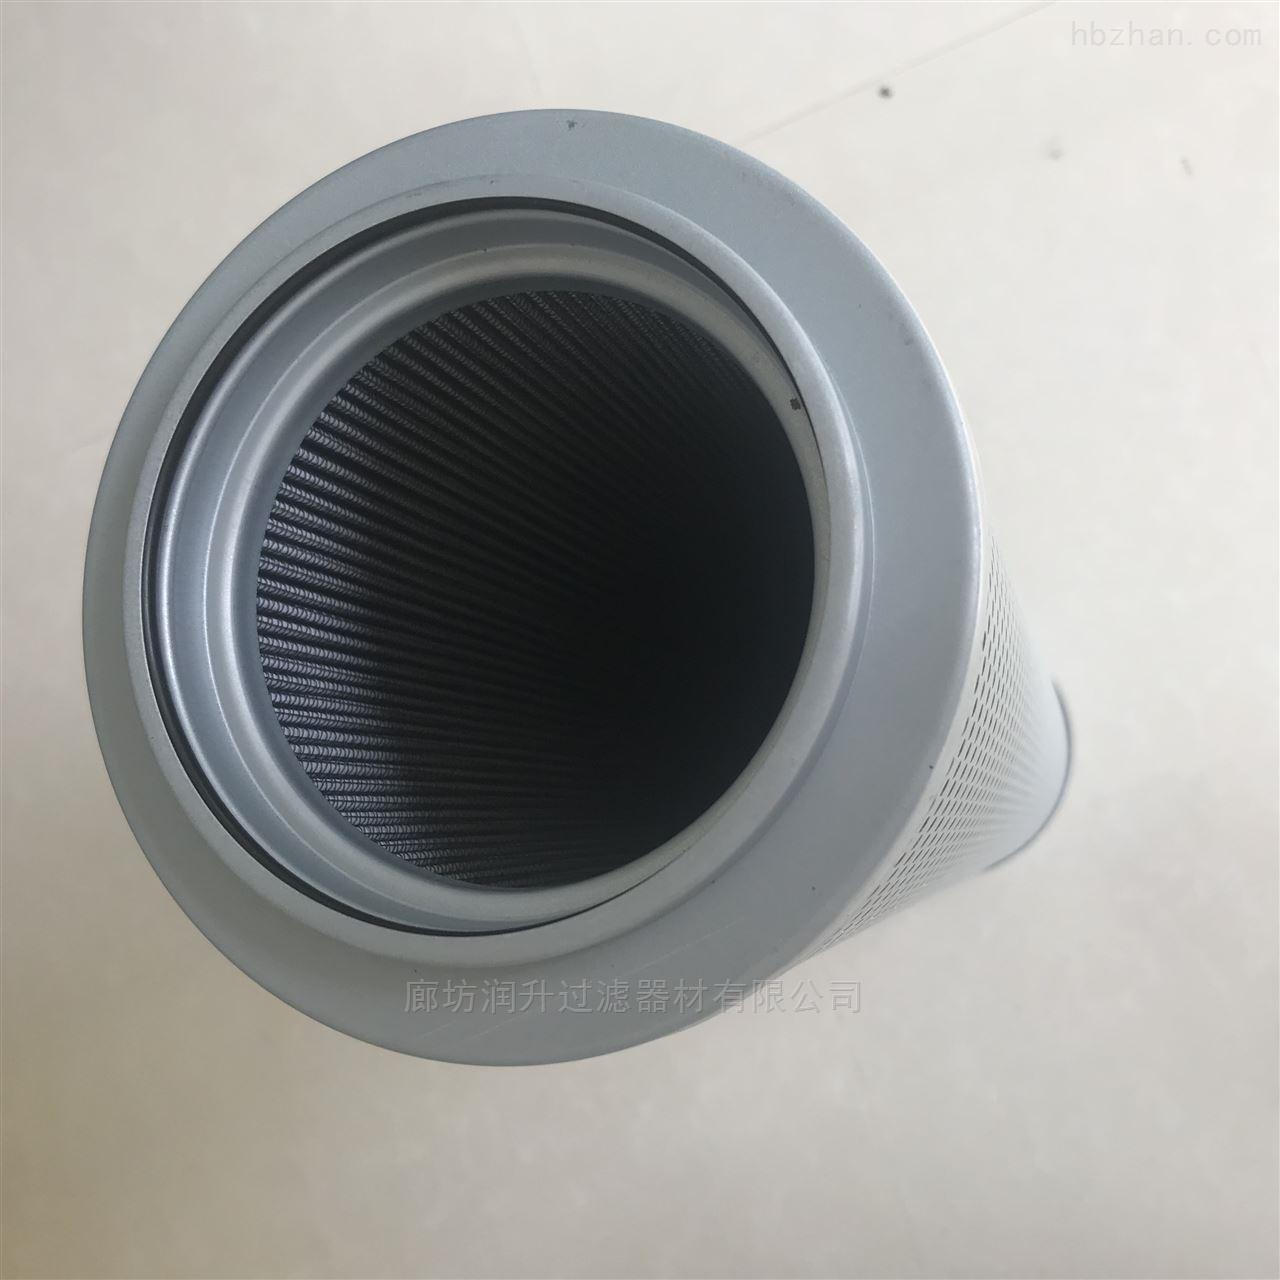 宿州DFM40PP005A01滤芯厂家批发